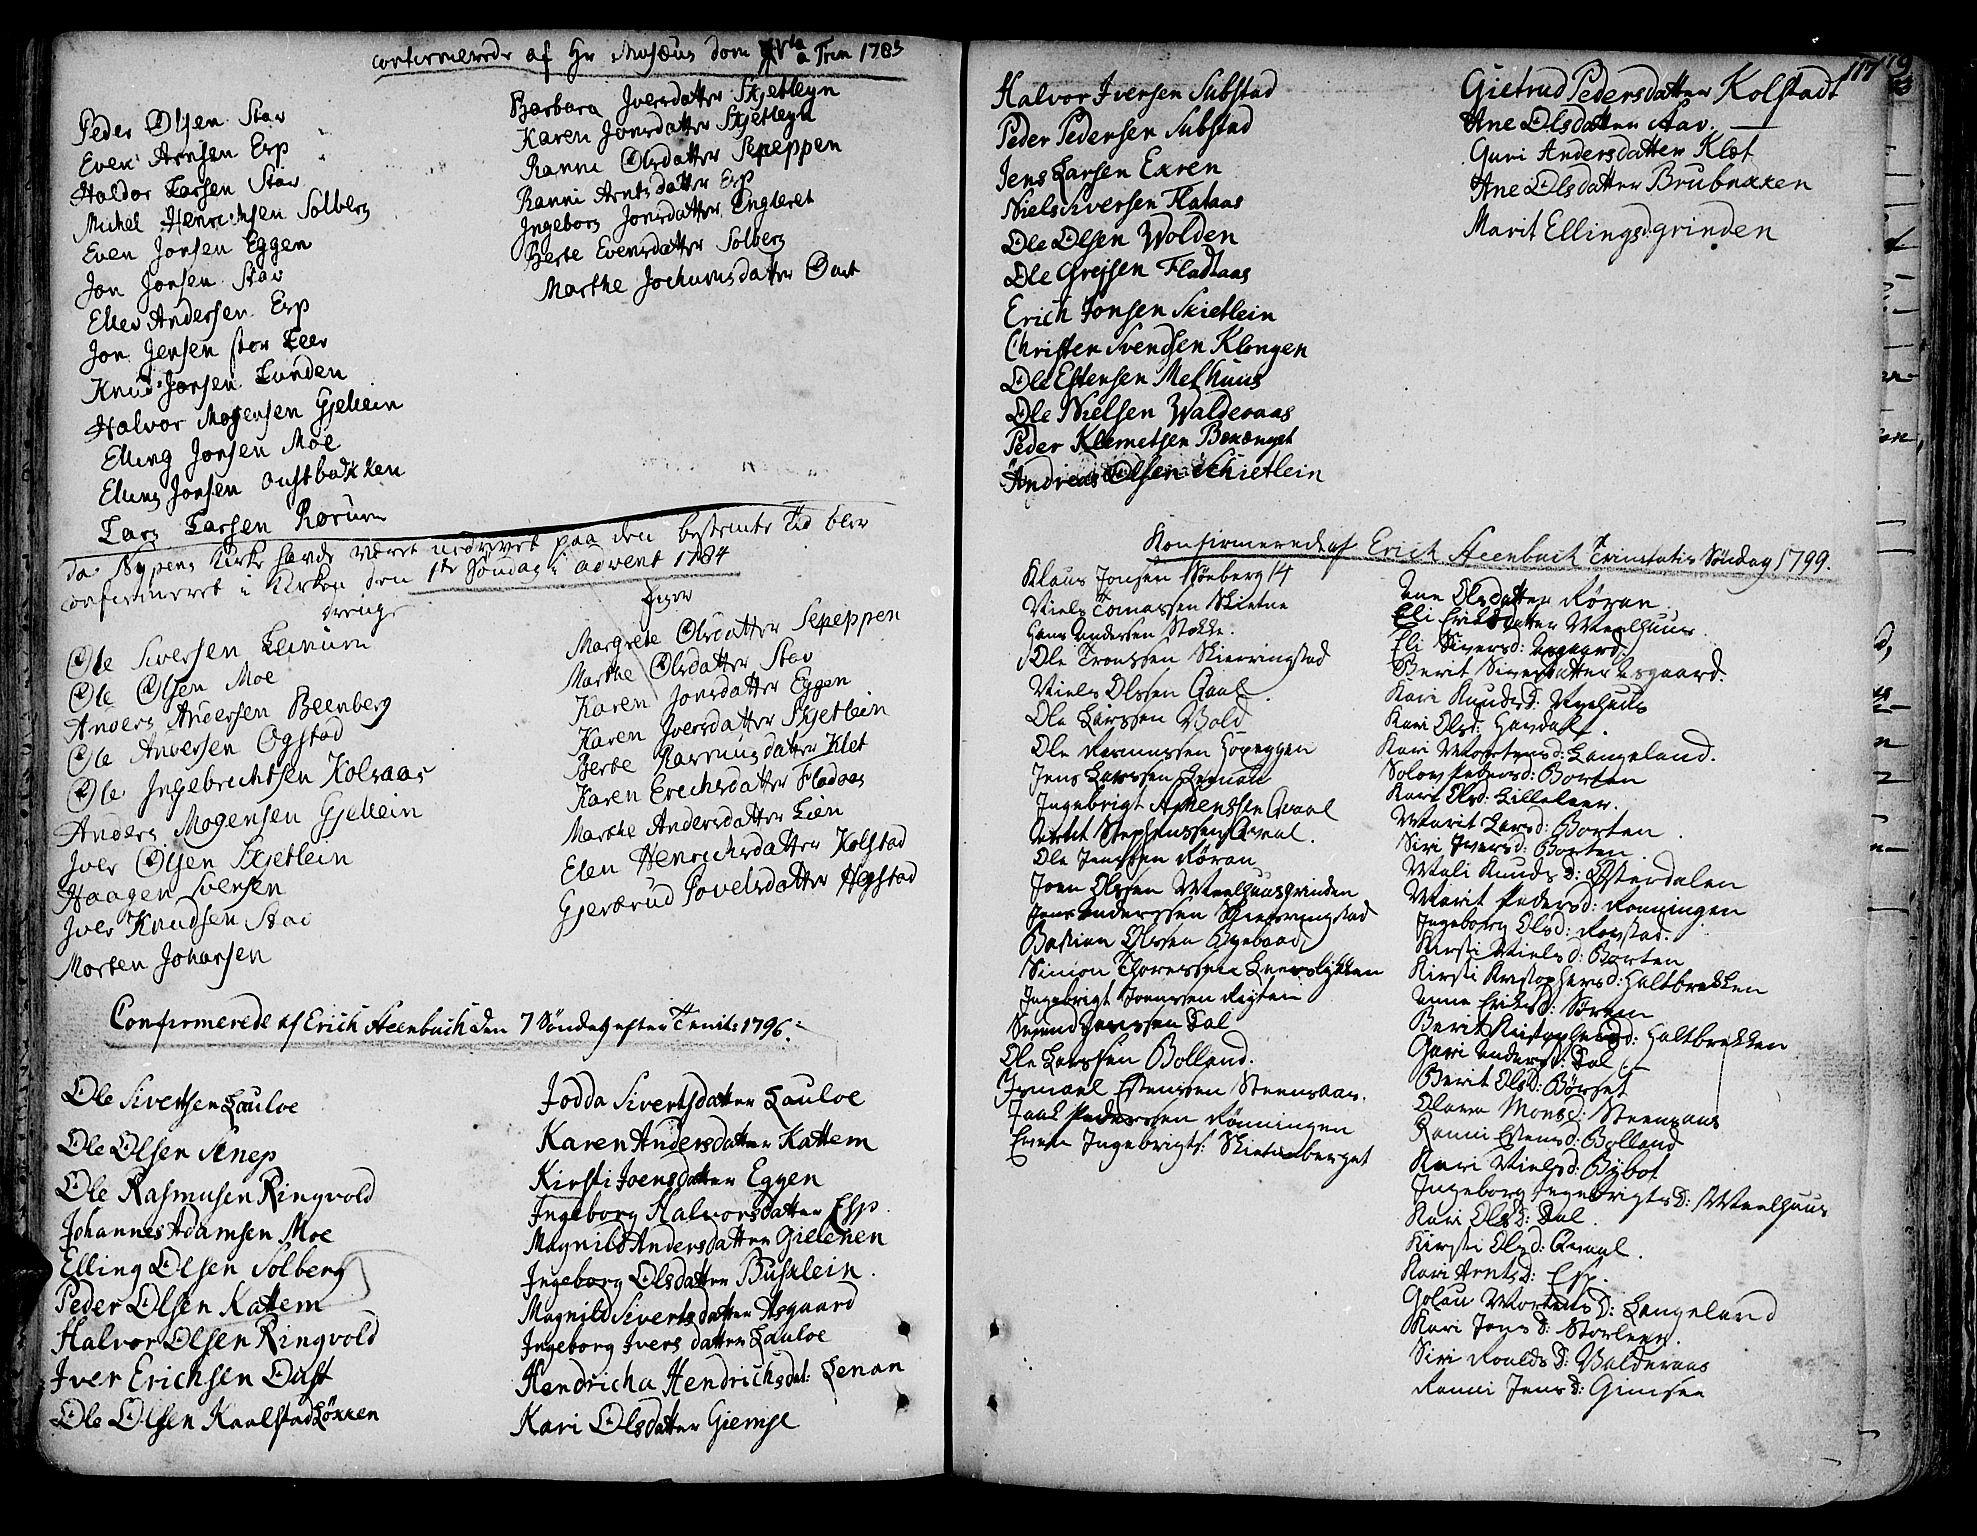 SAT, Ministerialprotokoller, klokkerbøker og fødselsregistre - Sør-Trøndelag, 691/L1063: Ministerialbok nr. 691A02 /3, 1768-1815, s. 117